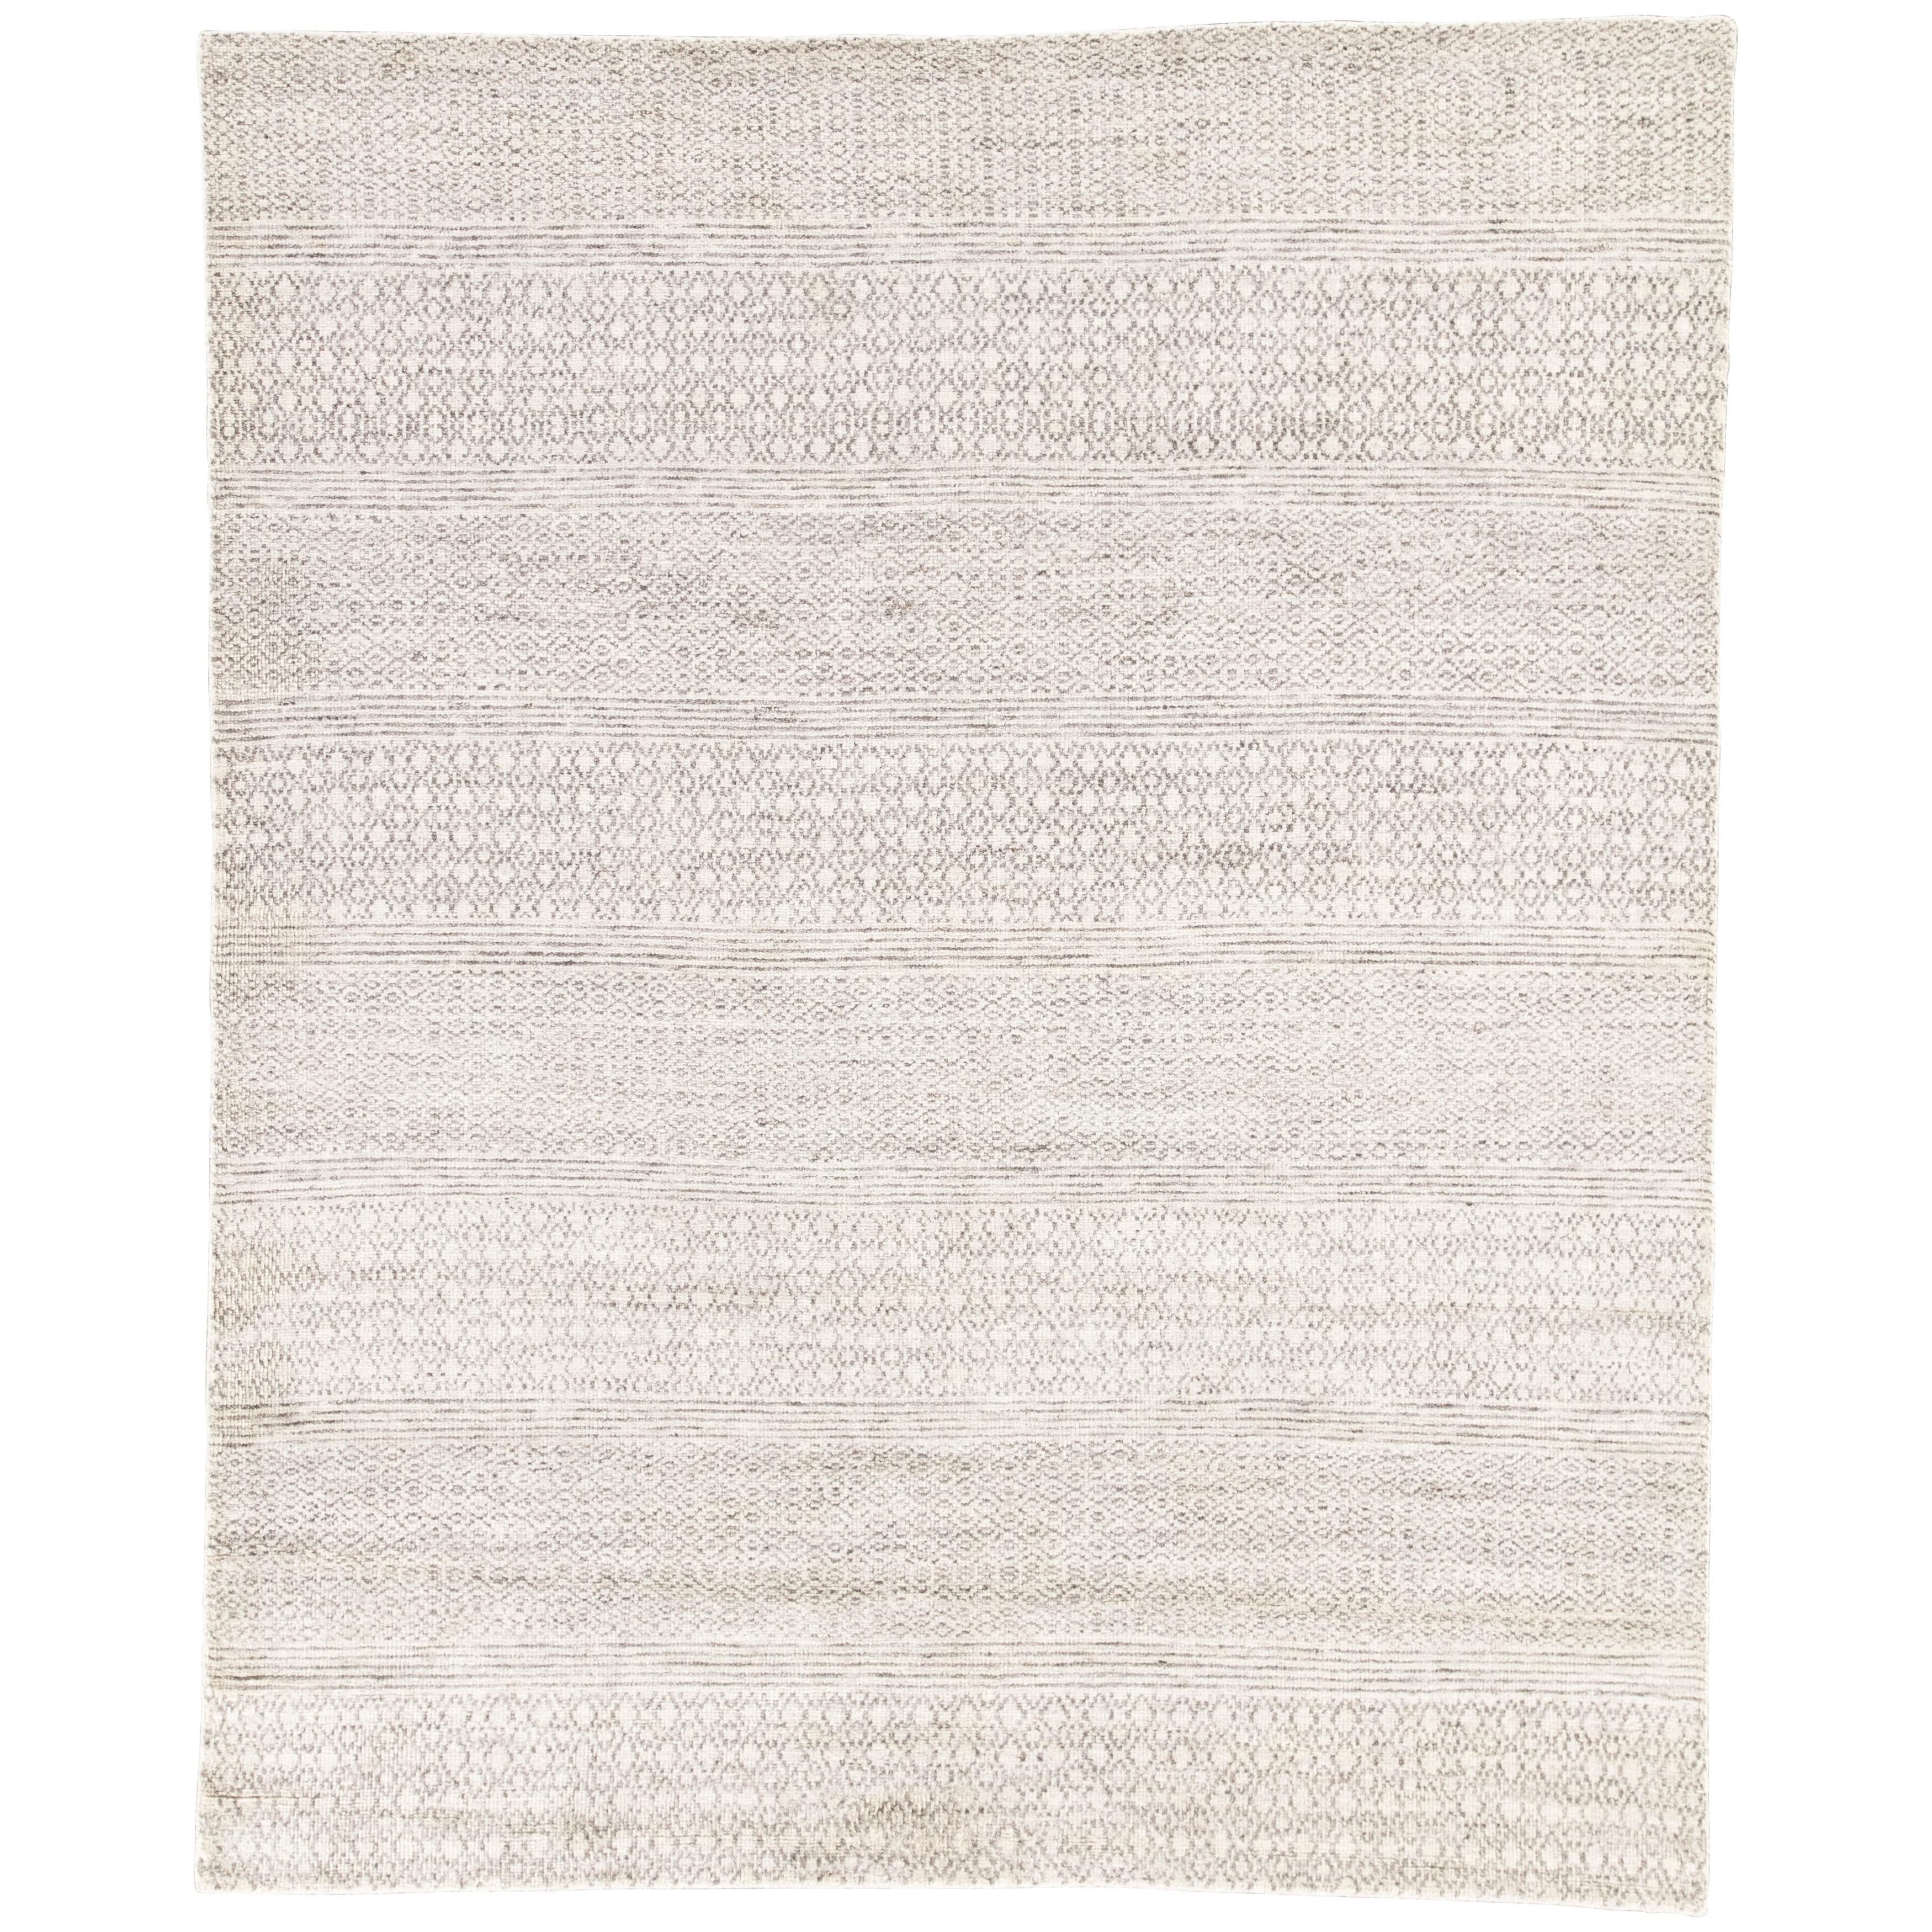 Kelis Hand Knotted Geometric Ivory Dark Grey Area Rug On Sale Overstock 20598613